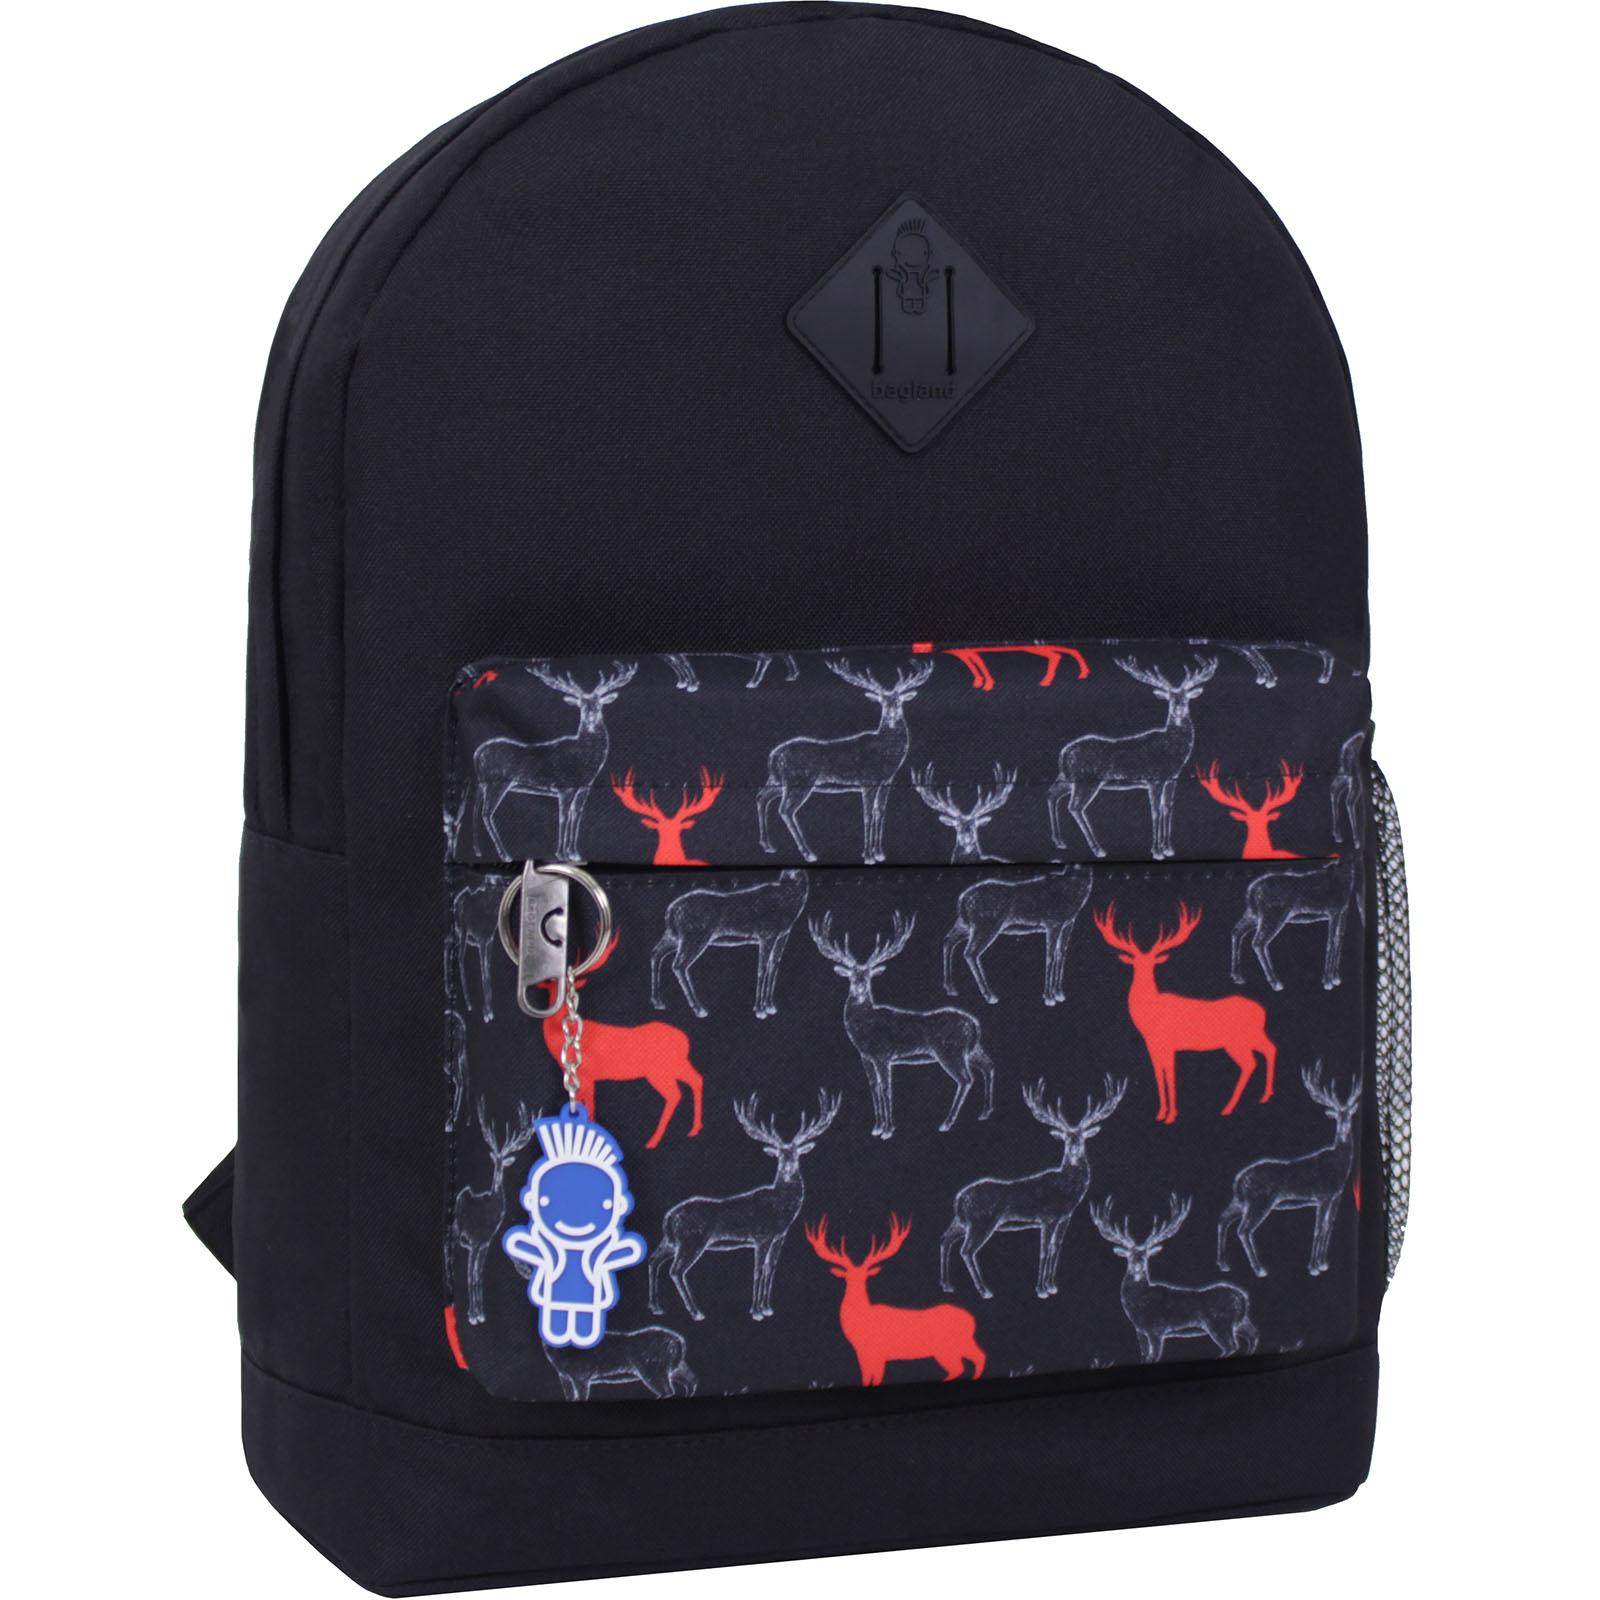 Городские рюкзаки Рюкзак Bagland Молодежный W/R 17 л. черний 471 (00533662) IMG_2461_суб.471_.JPG